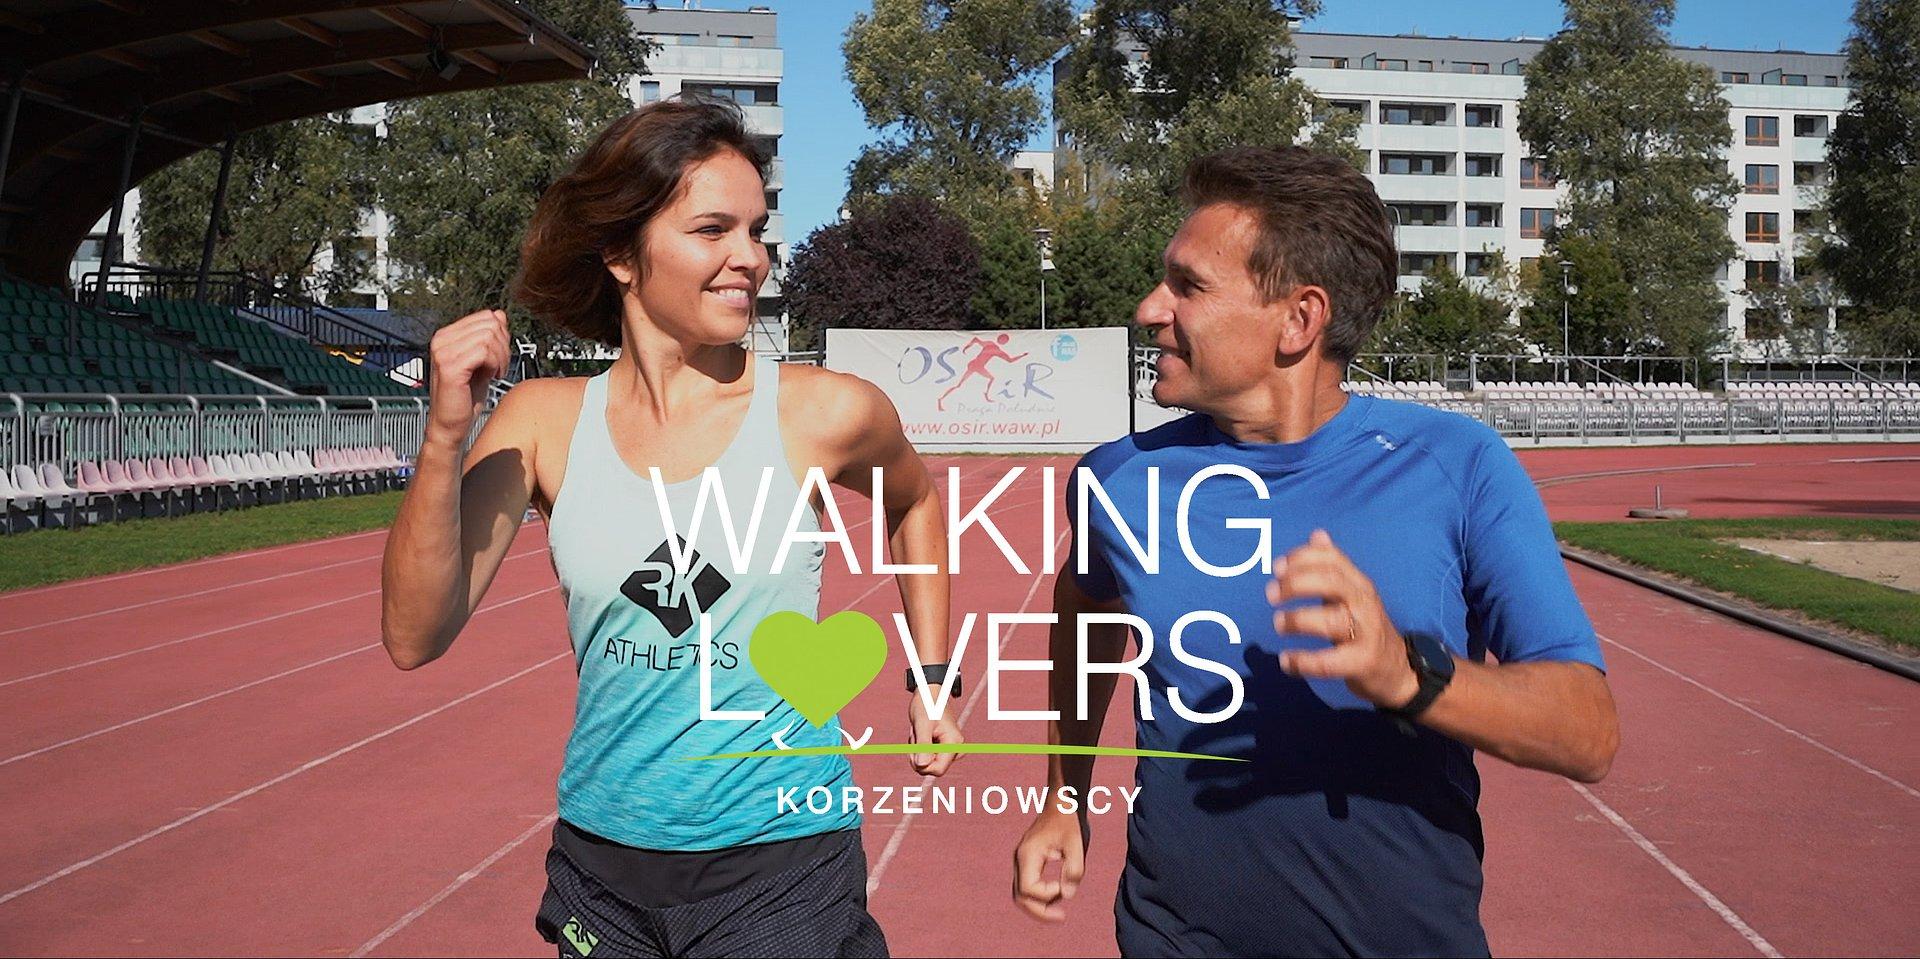 Walking Lovers - Robert i Justyna Korzeniowscy promują walking wśród Polaków na YouTube